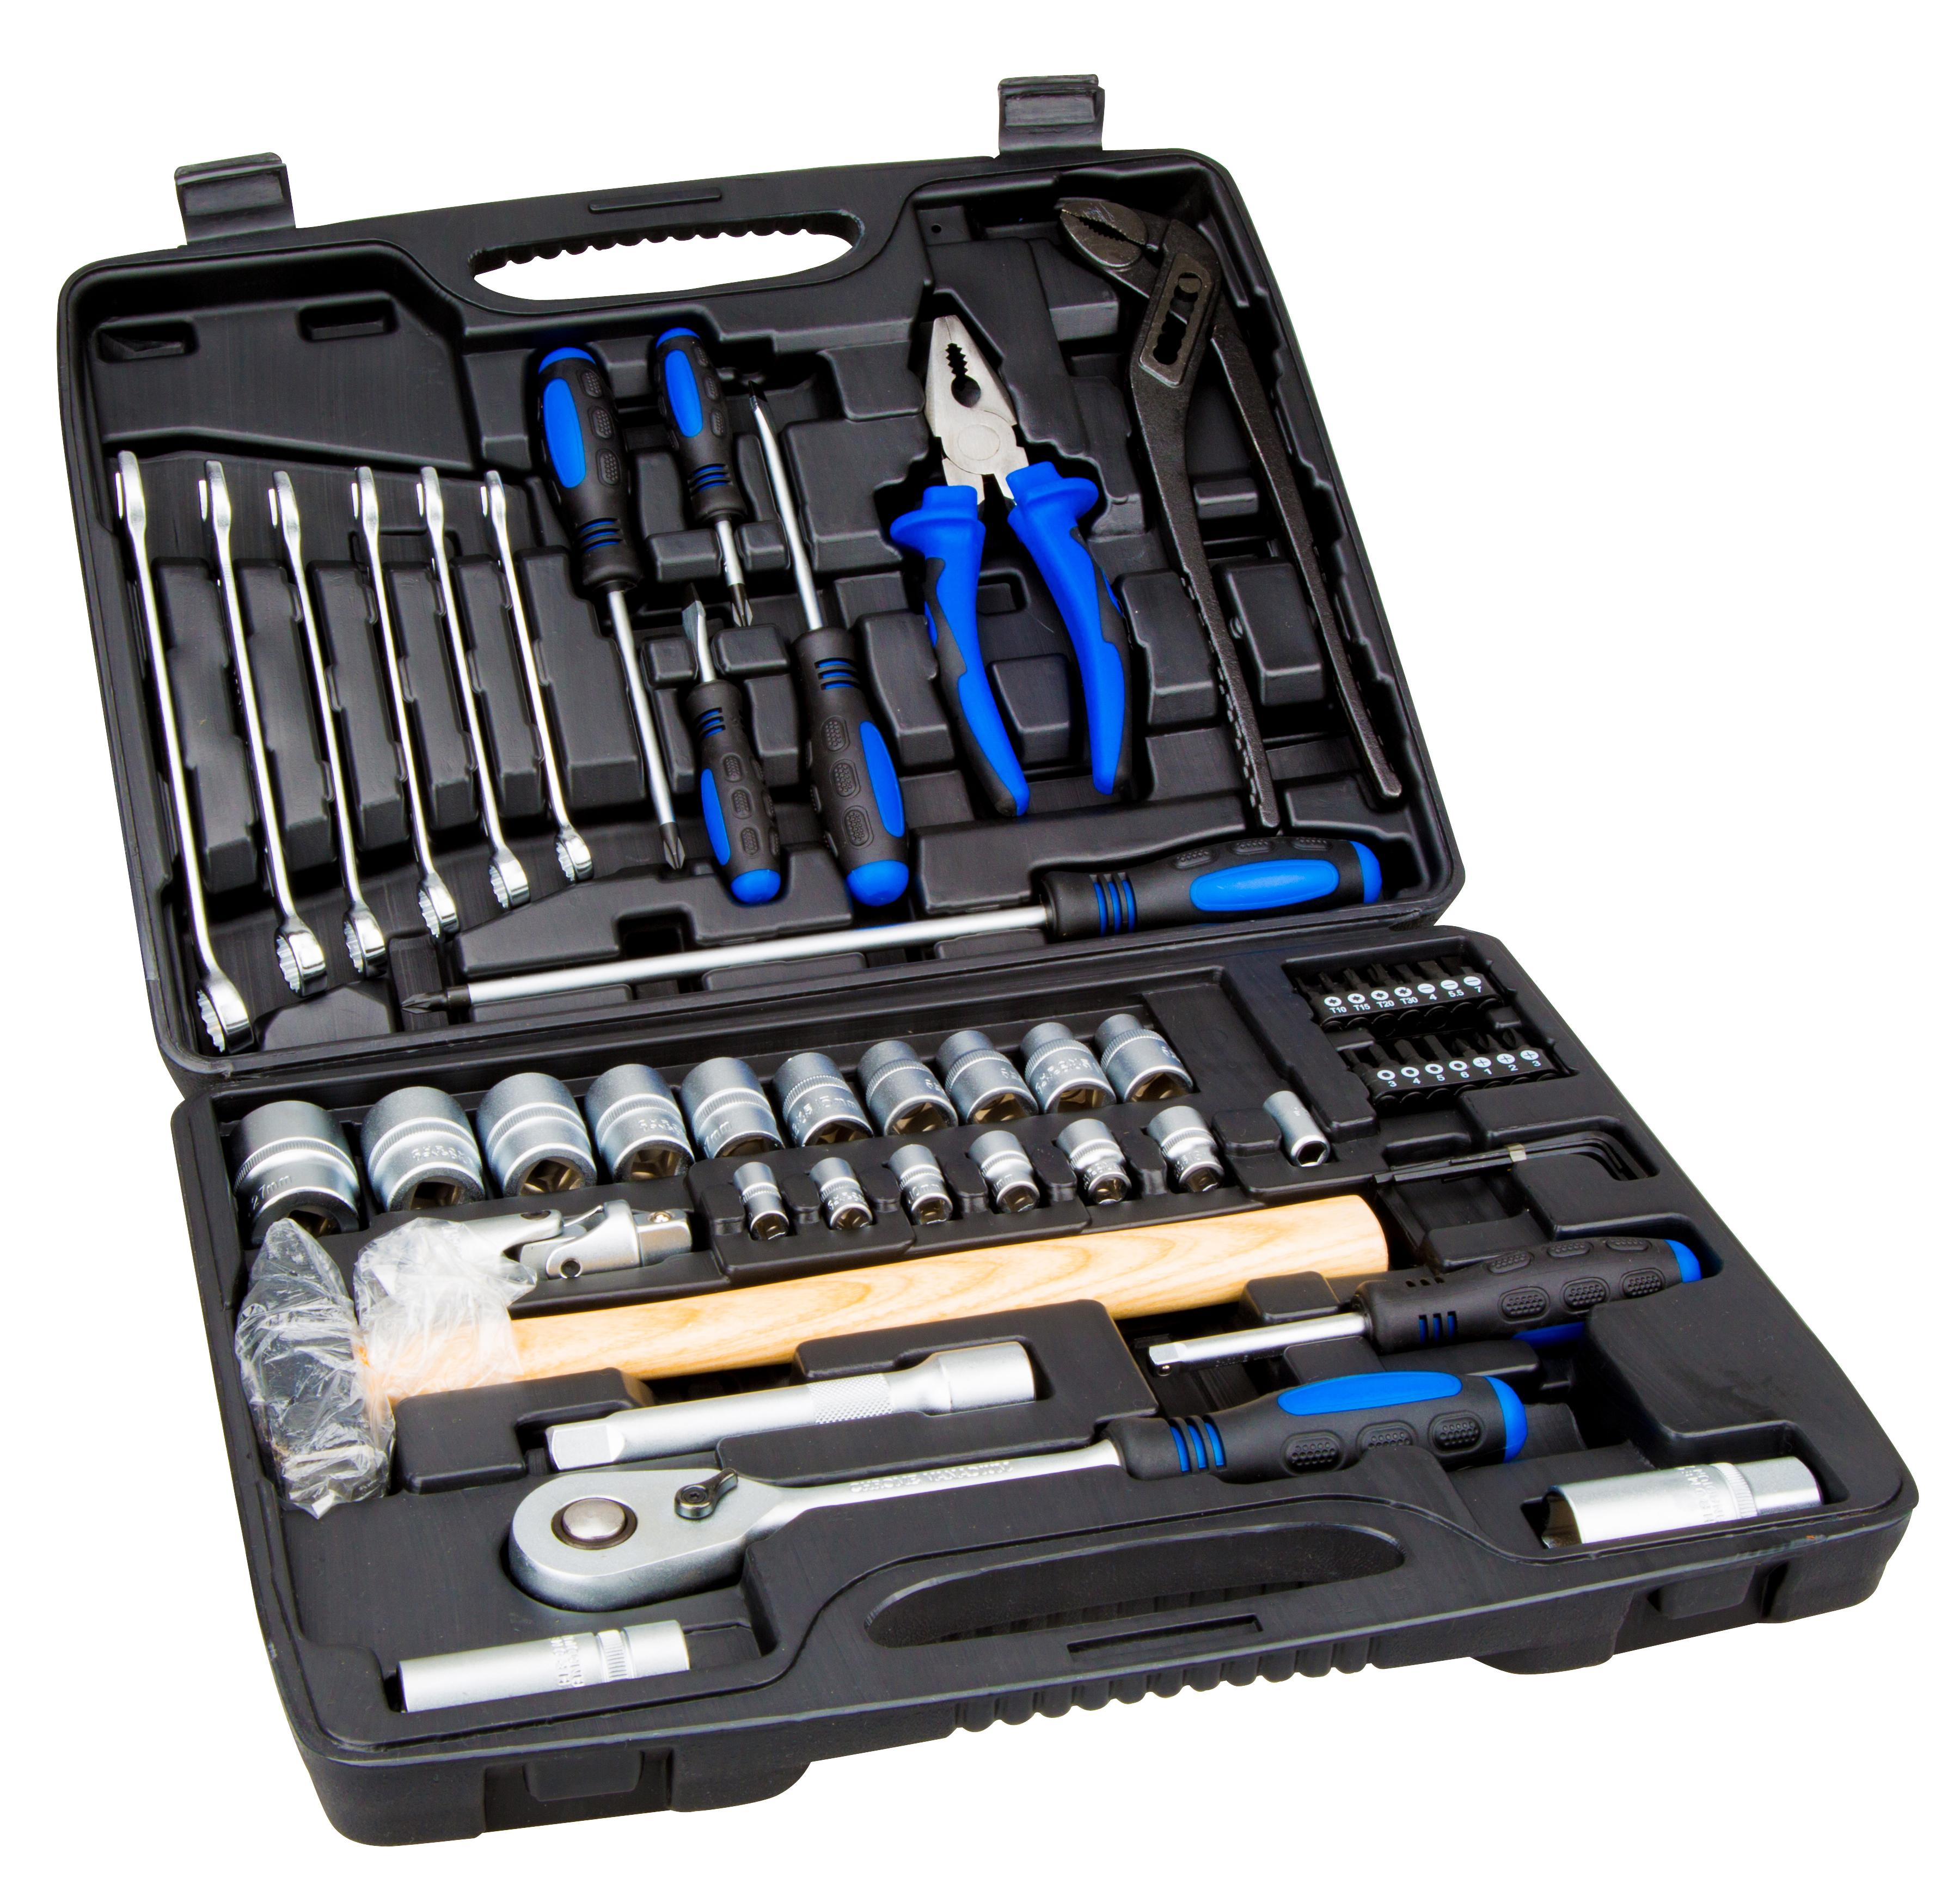 1 Stk Werkzeugkoffer 56-teilig W-95000534